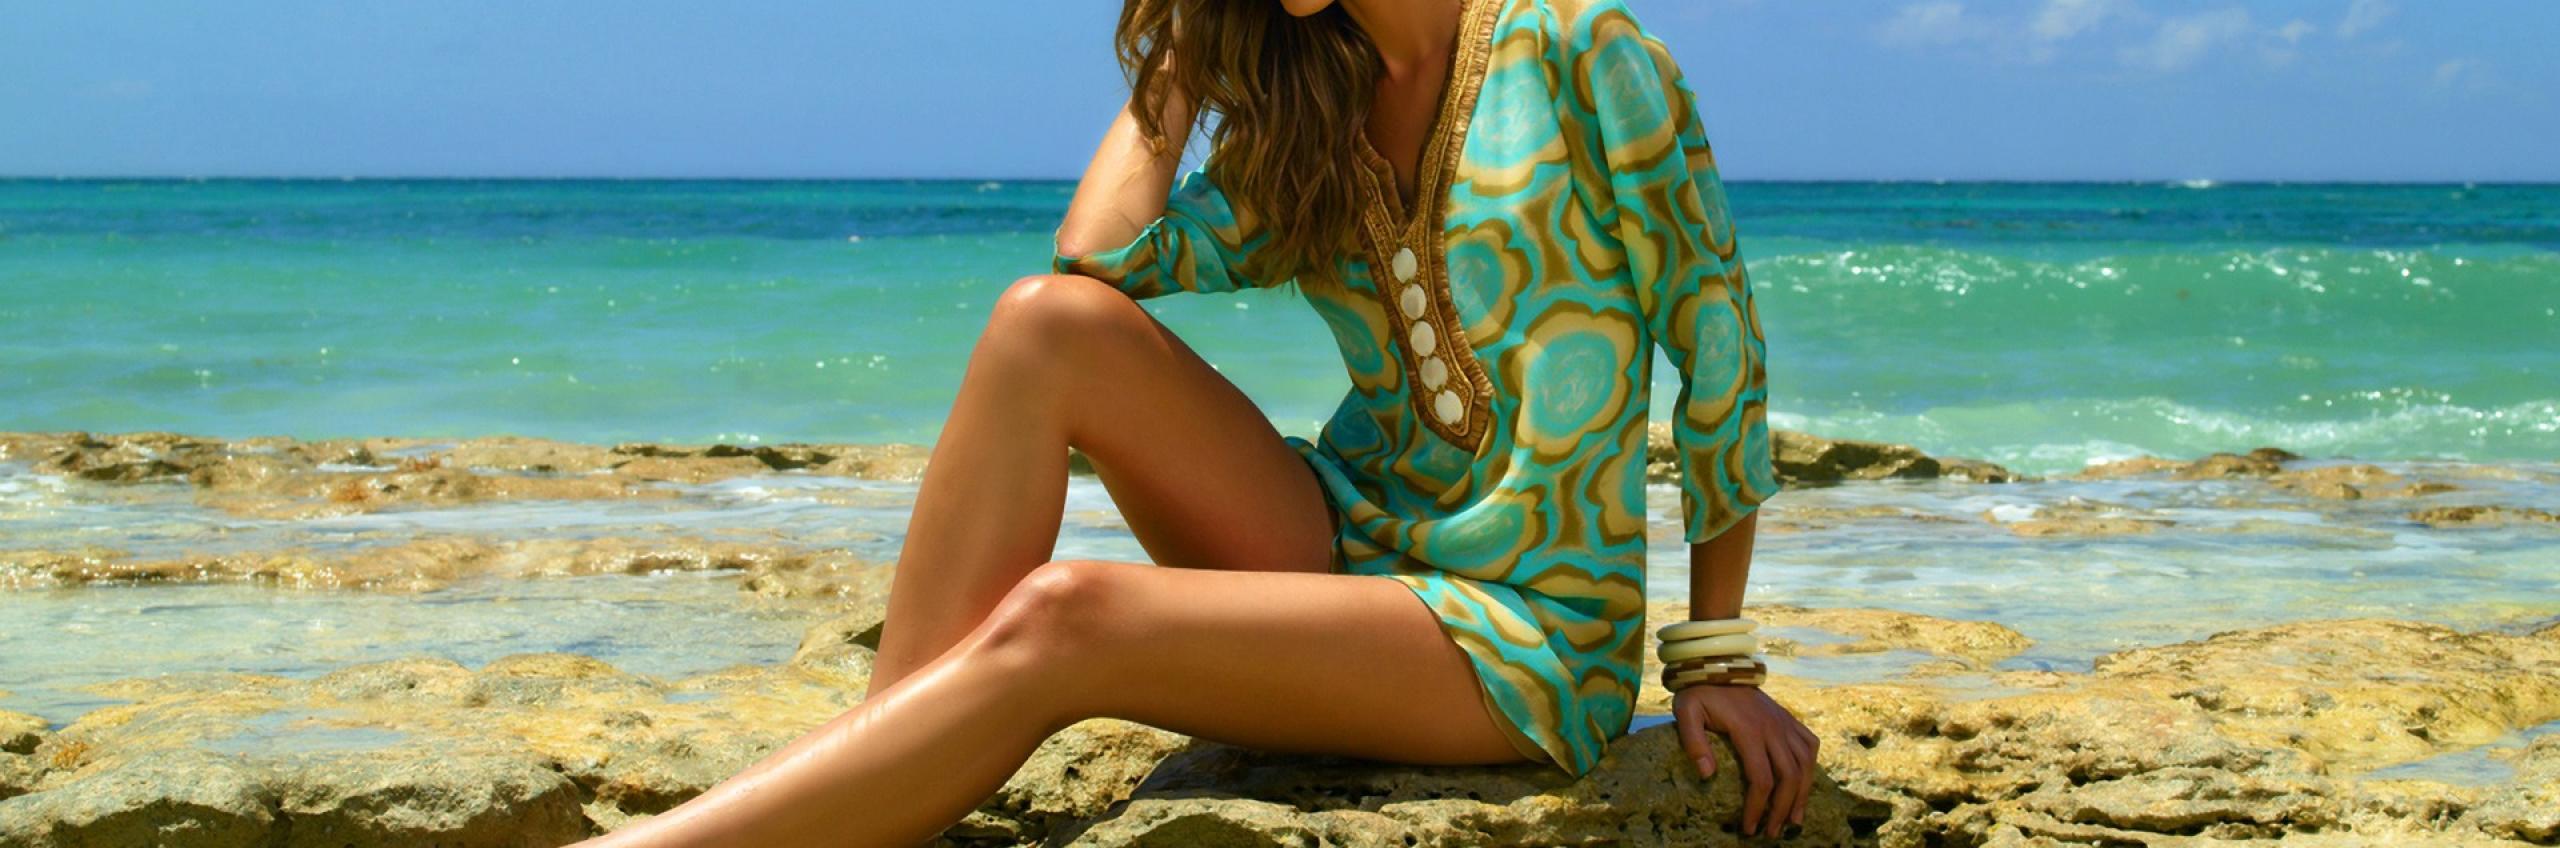 #5 beauty secret - OUTDOOR ACTIVITIES